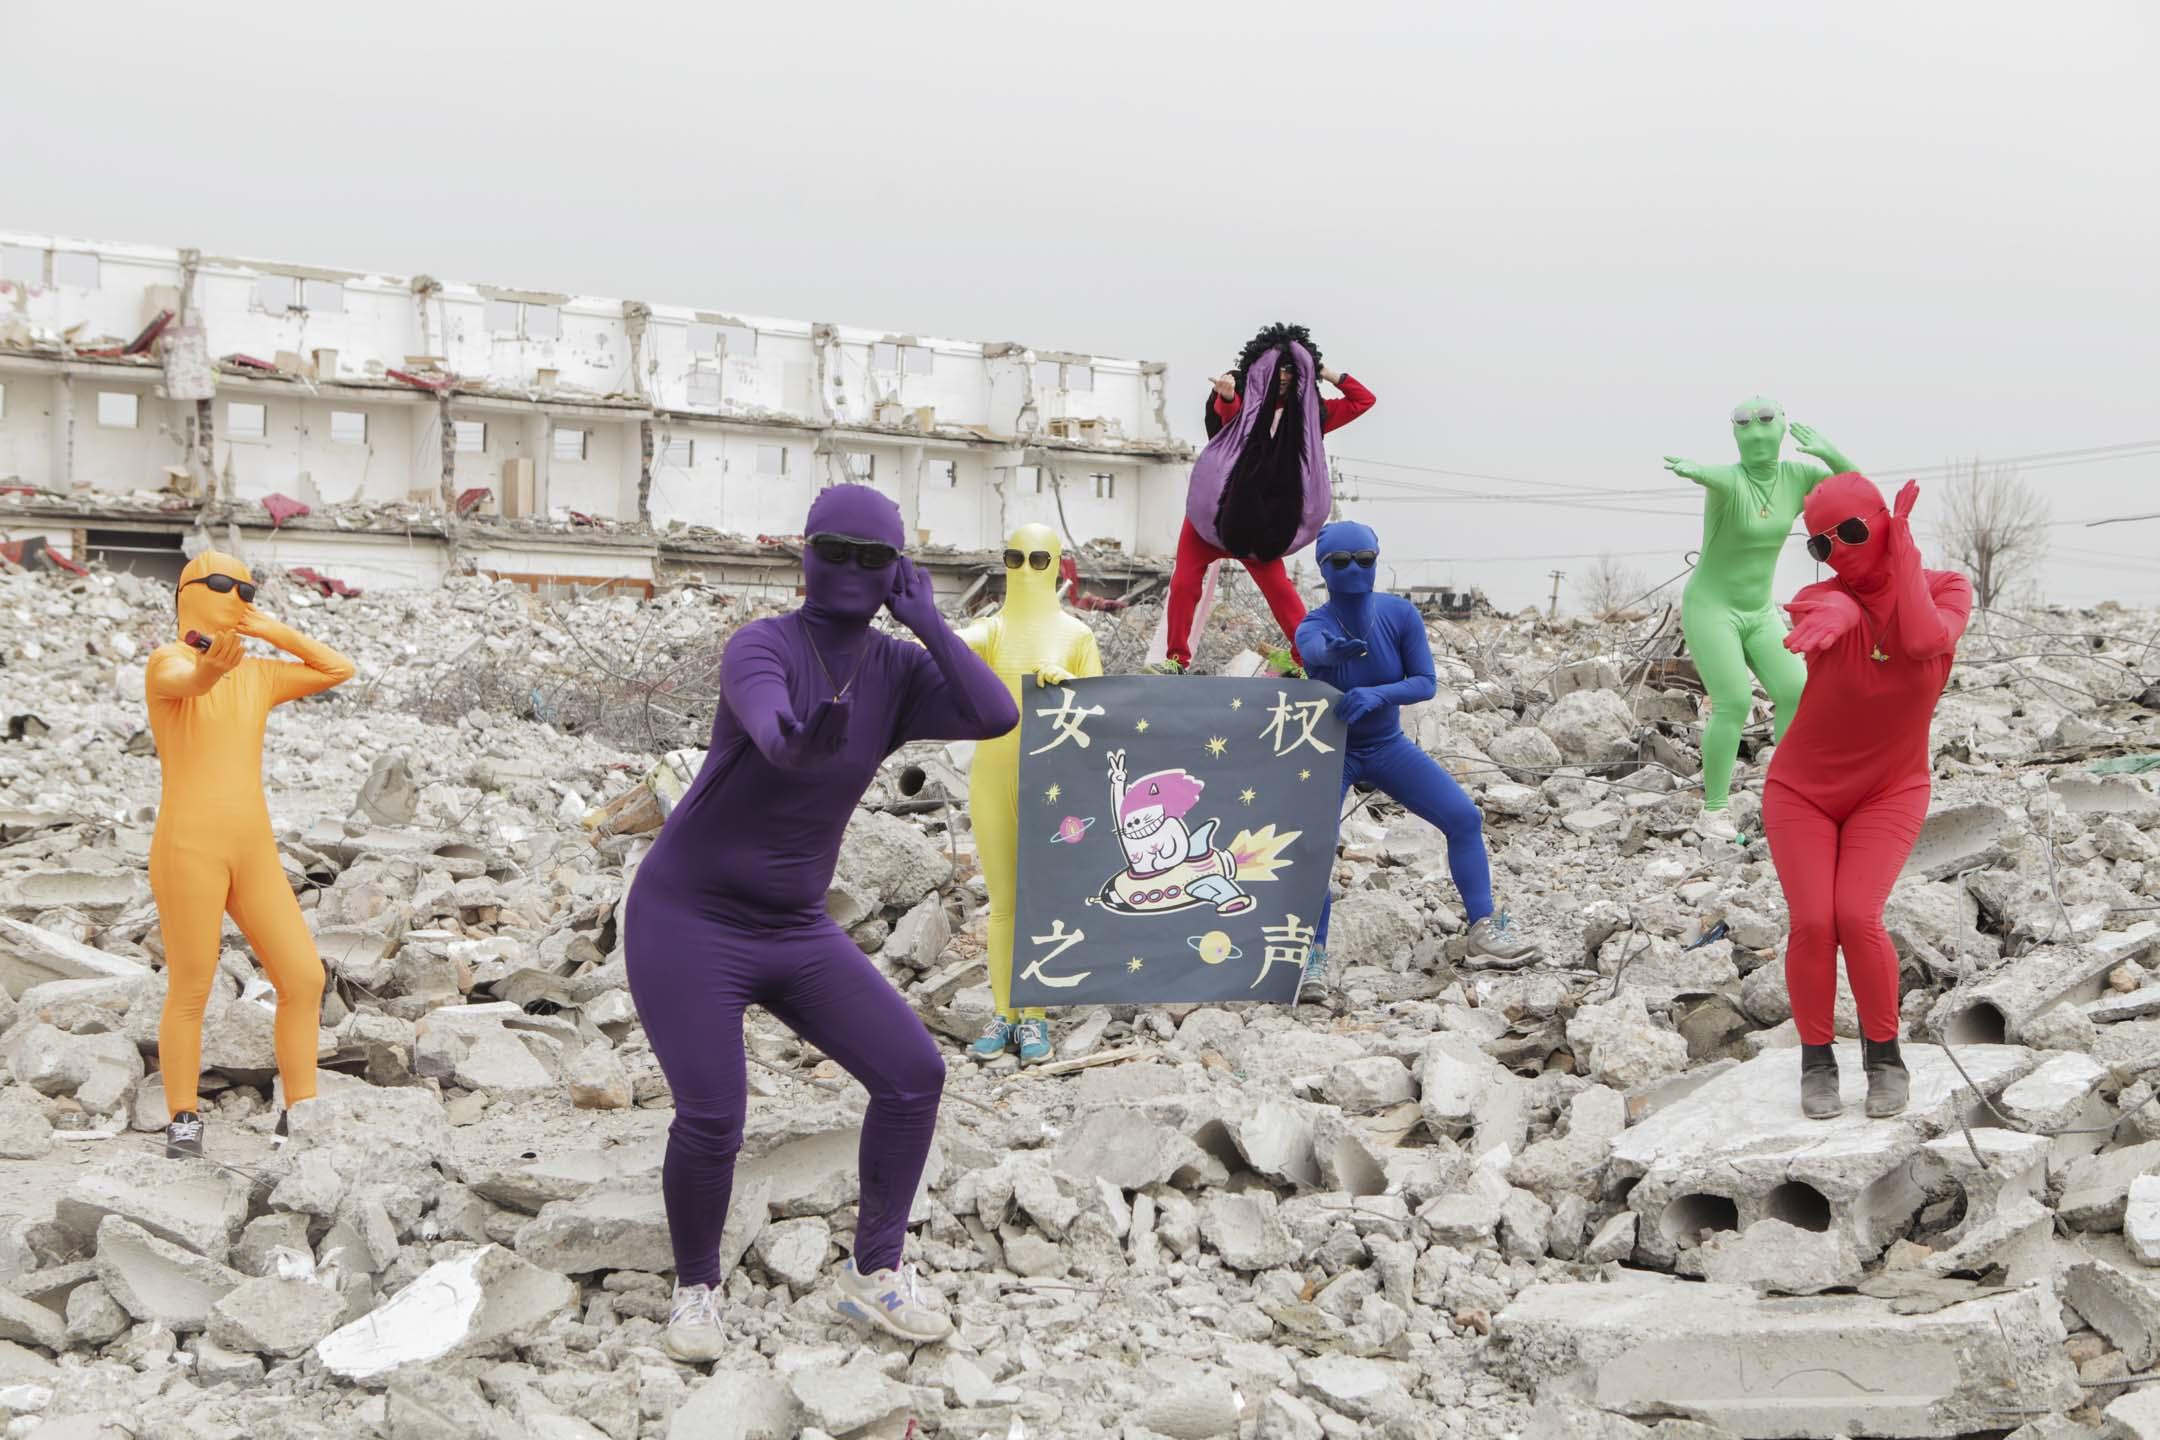 2018年3月16日,「女聲」被封的第七天,北京的幾個女權主義者給「女聲」做了一個別開生面的葬禮。在北京城郊的廢墟上,女權主義者們換上了借來的彩虹色連體衣,帶上墨鏡,盡情地在荒涼中舞動身體。「女聲頭七,墳頭蹦迪」是她們為這次行為藝術起的名字。 圖片來源:鄒藴蒐集提供